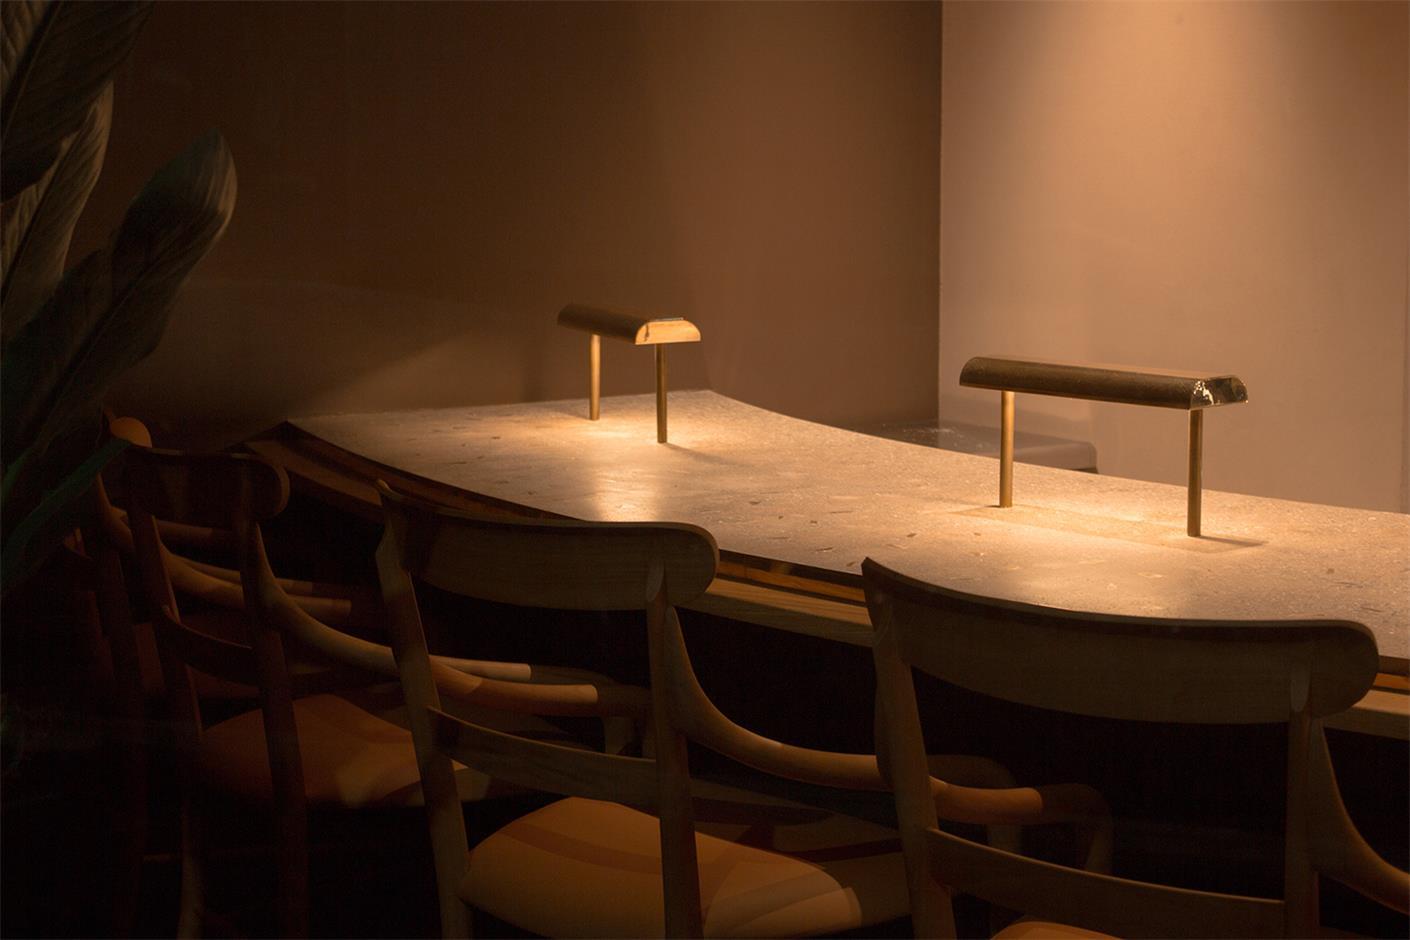 小型餐厅用餐吧台设计特写